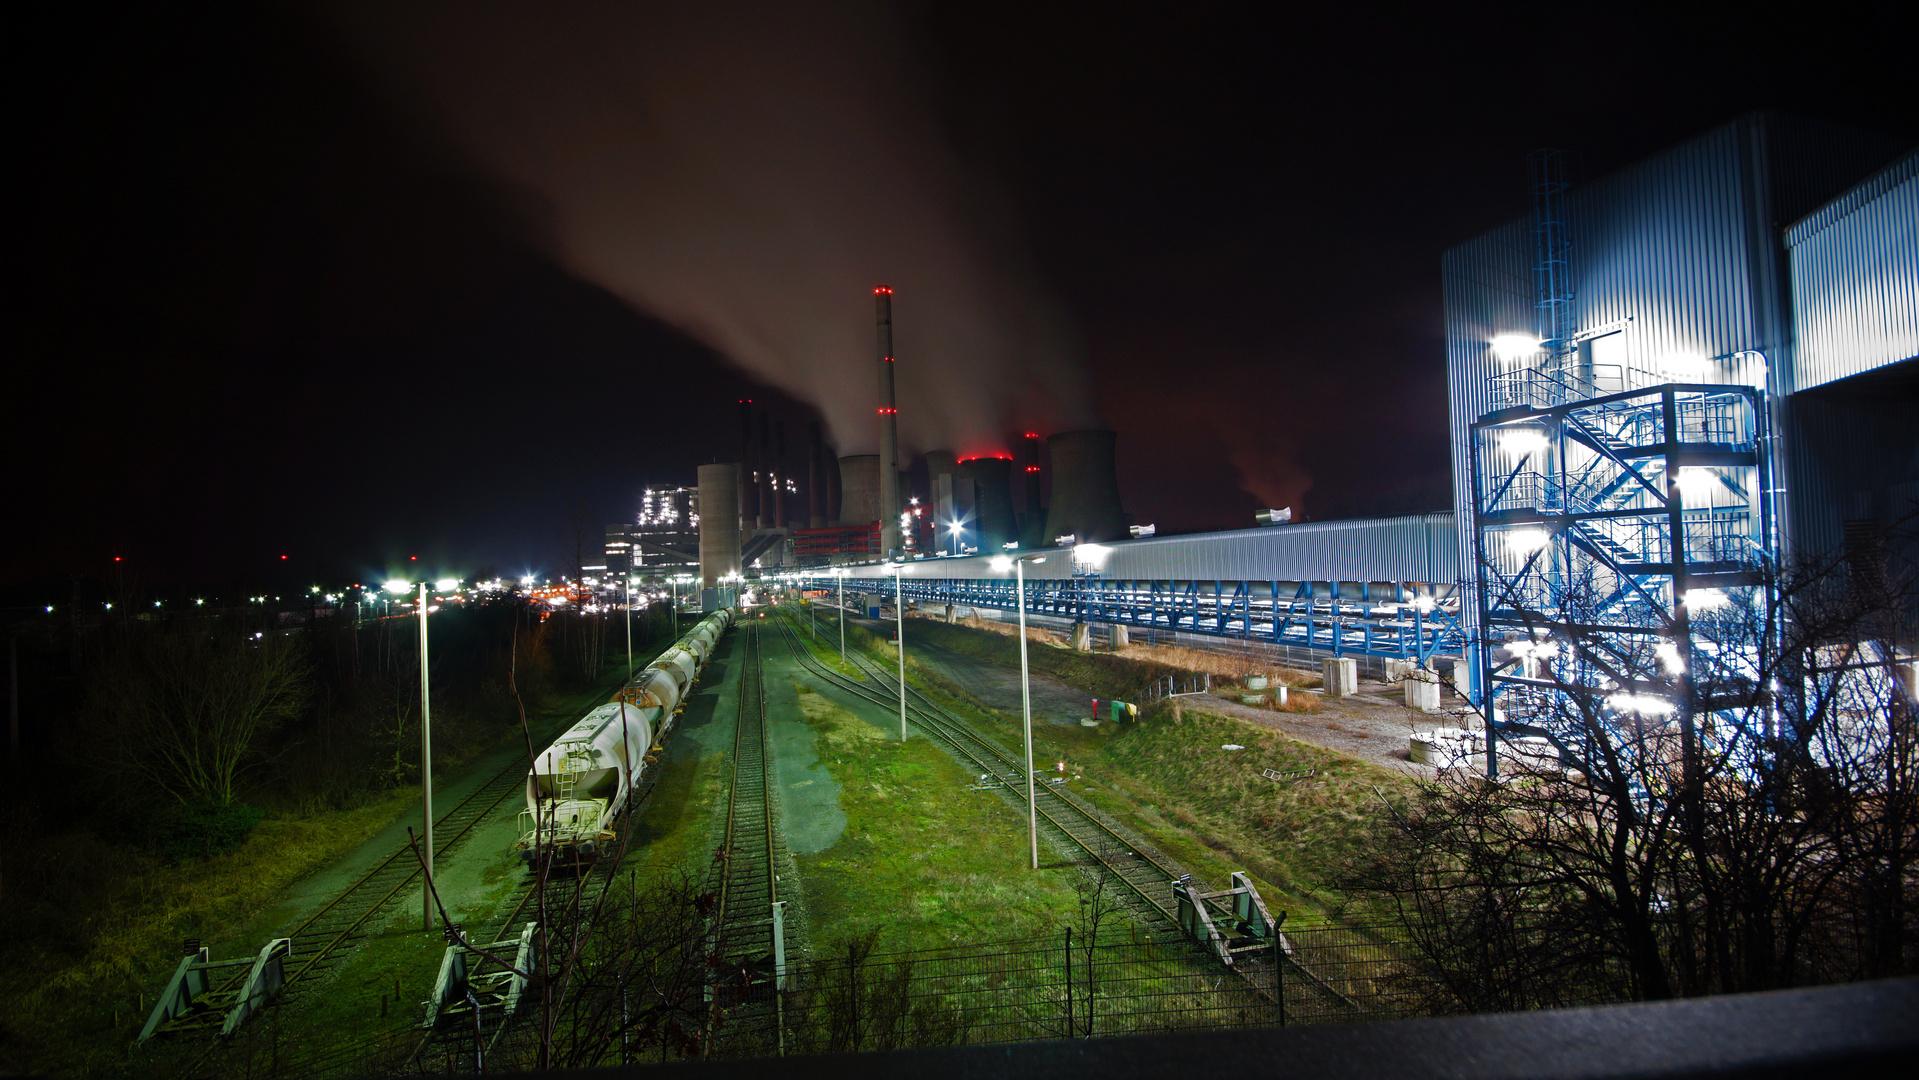 neues Kraftwewerk bei Nacht 2